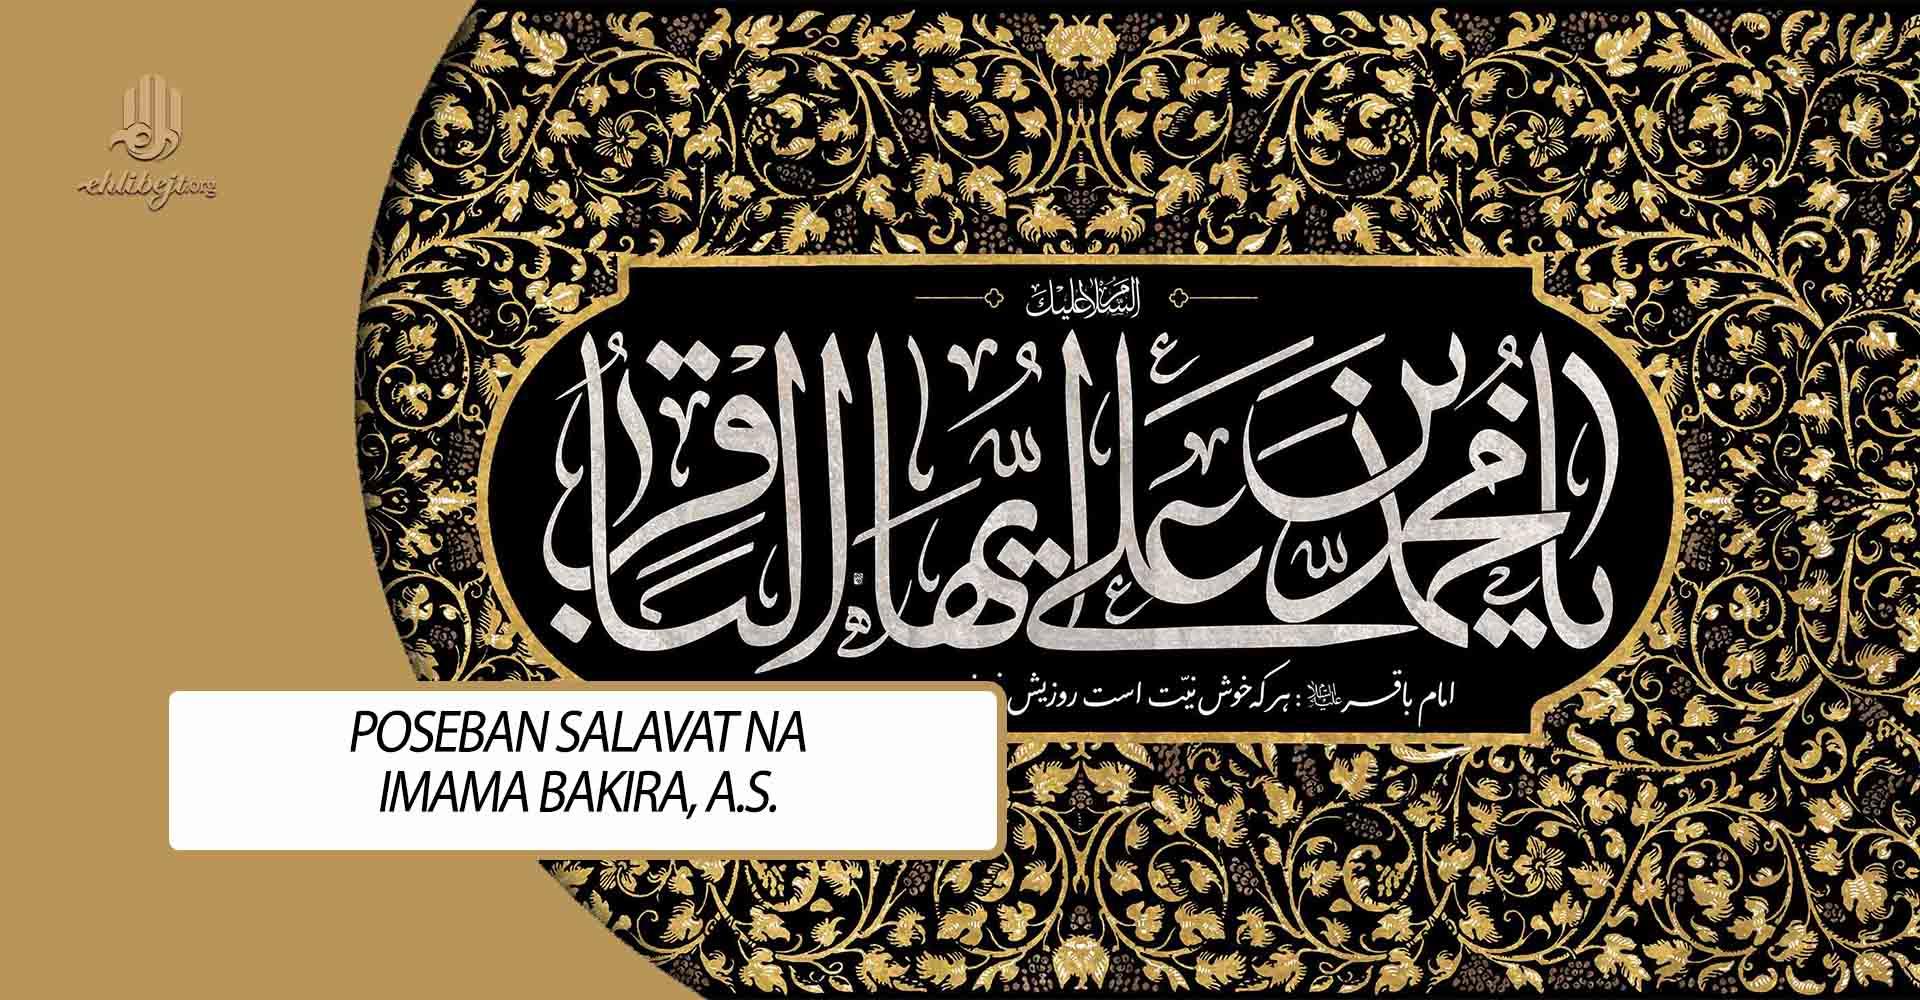 Poseban salavat na Imama Bakira, a.s.